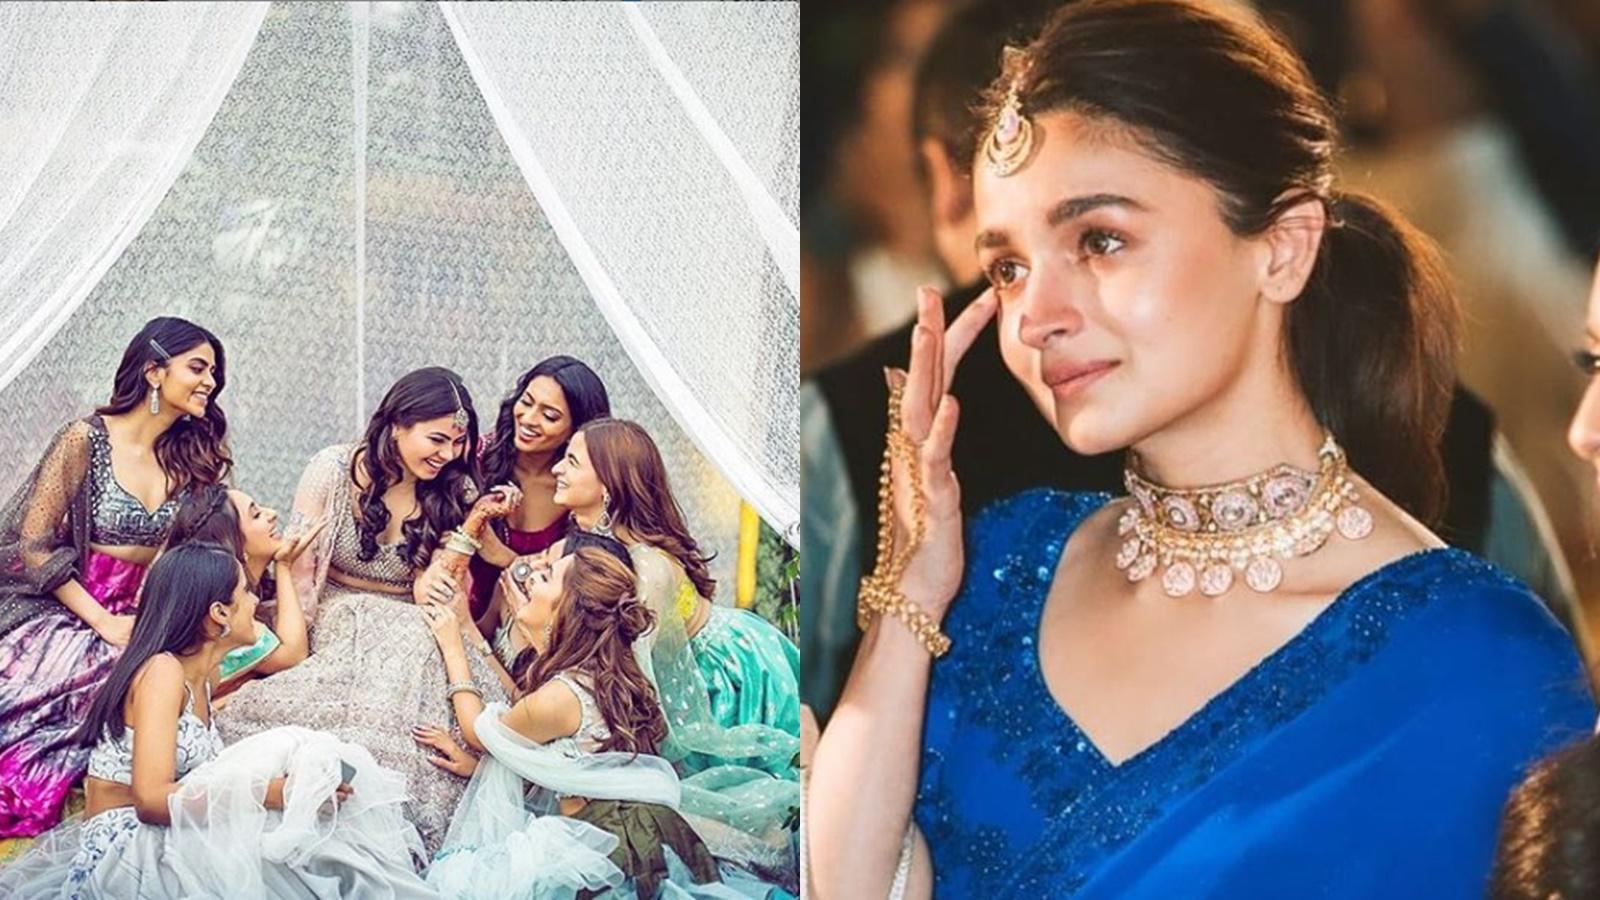 Alia Bhatt gets emotional at best friend's wedding